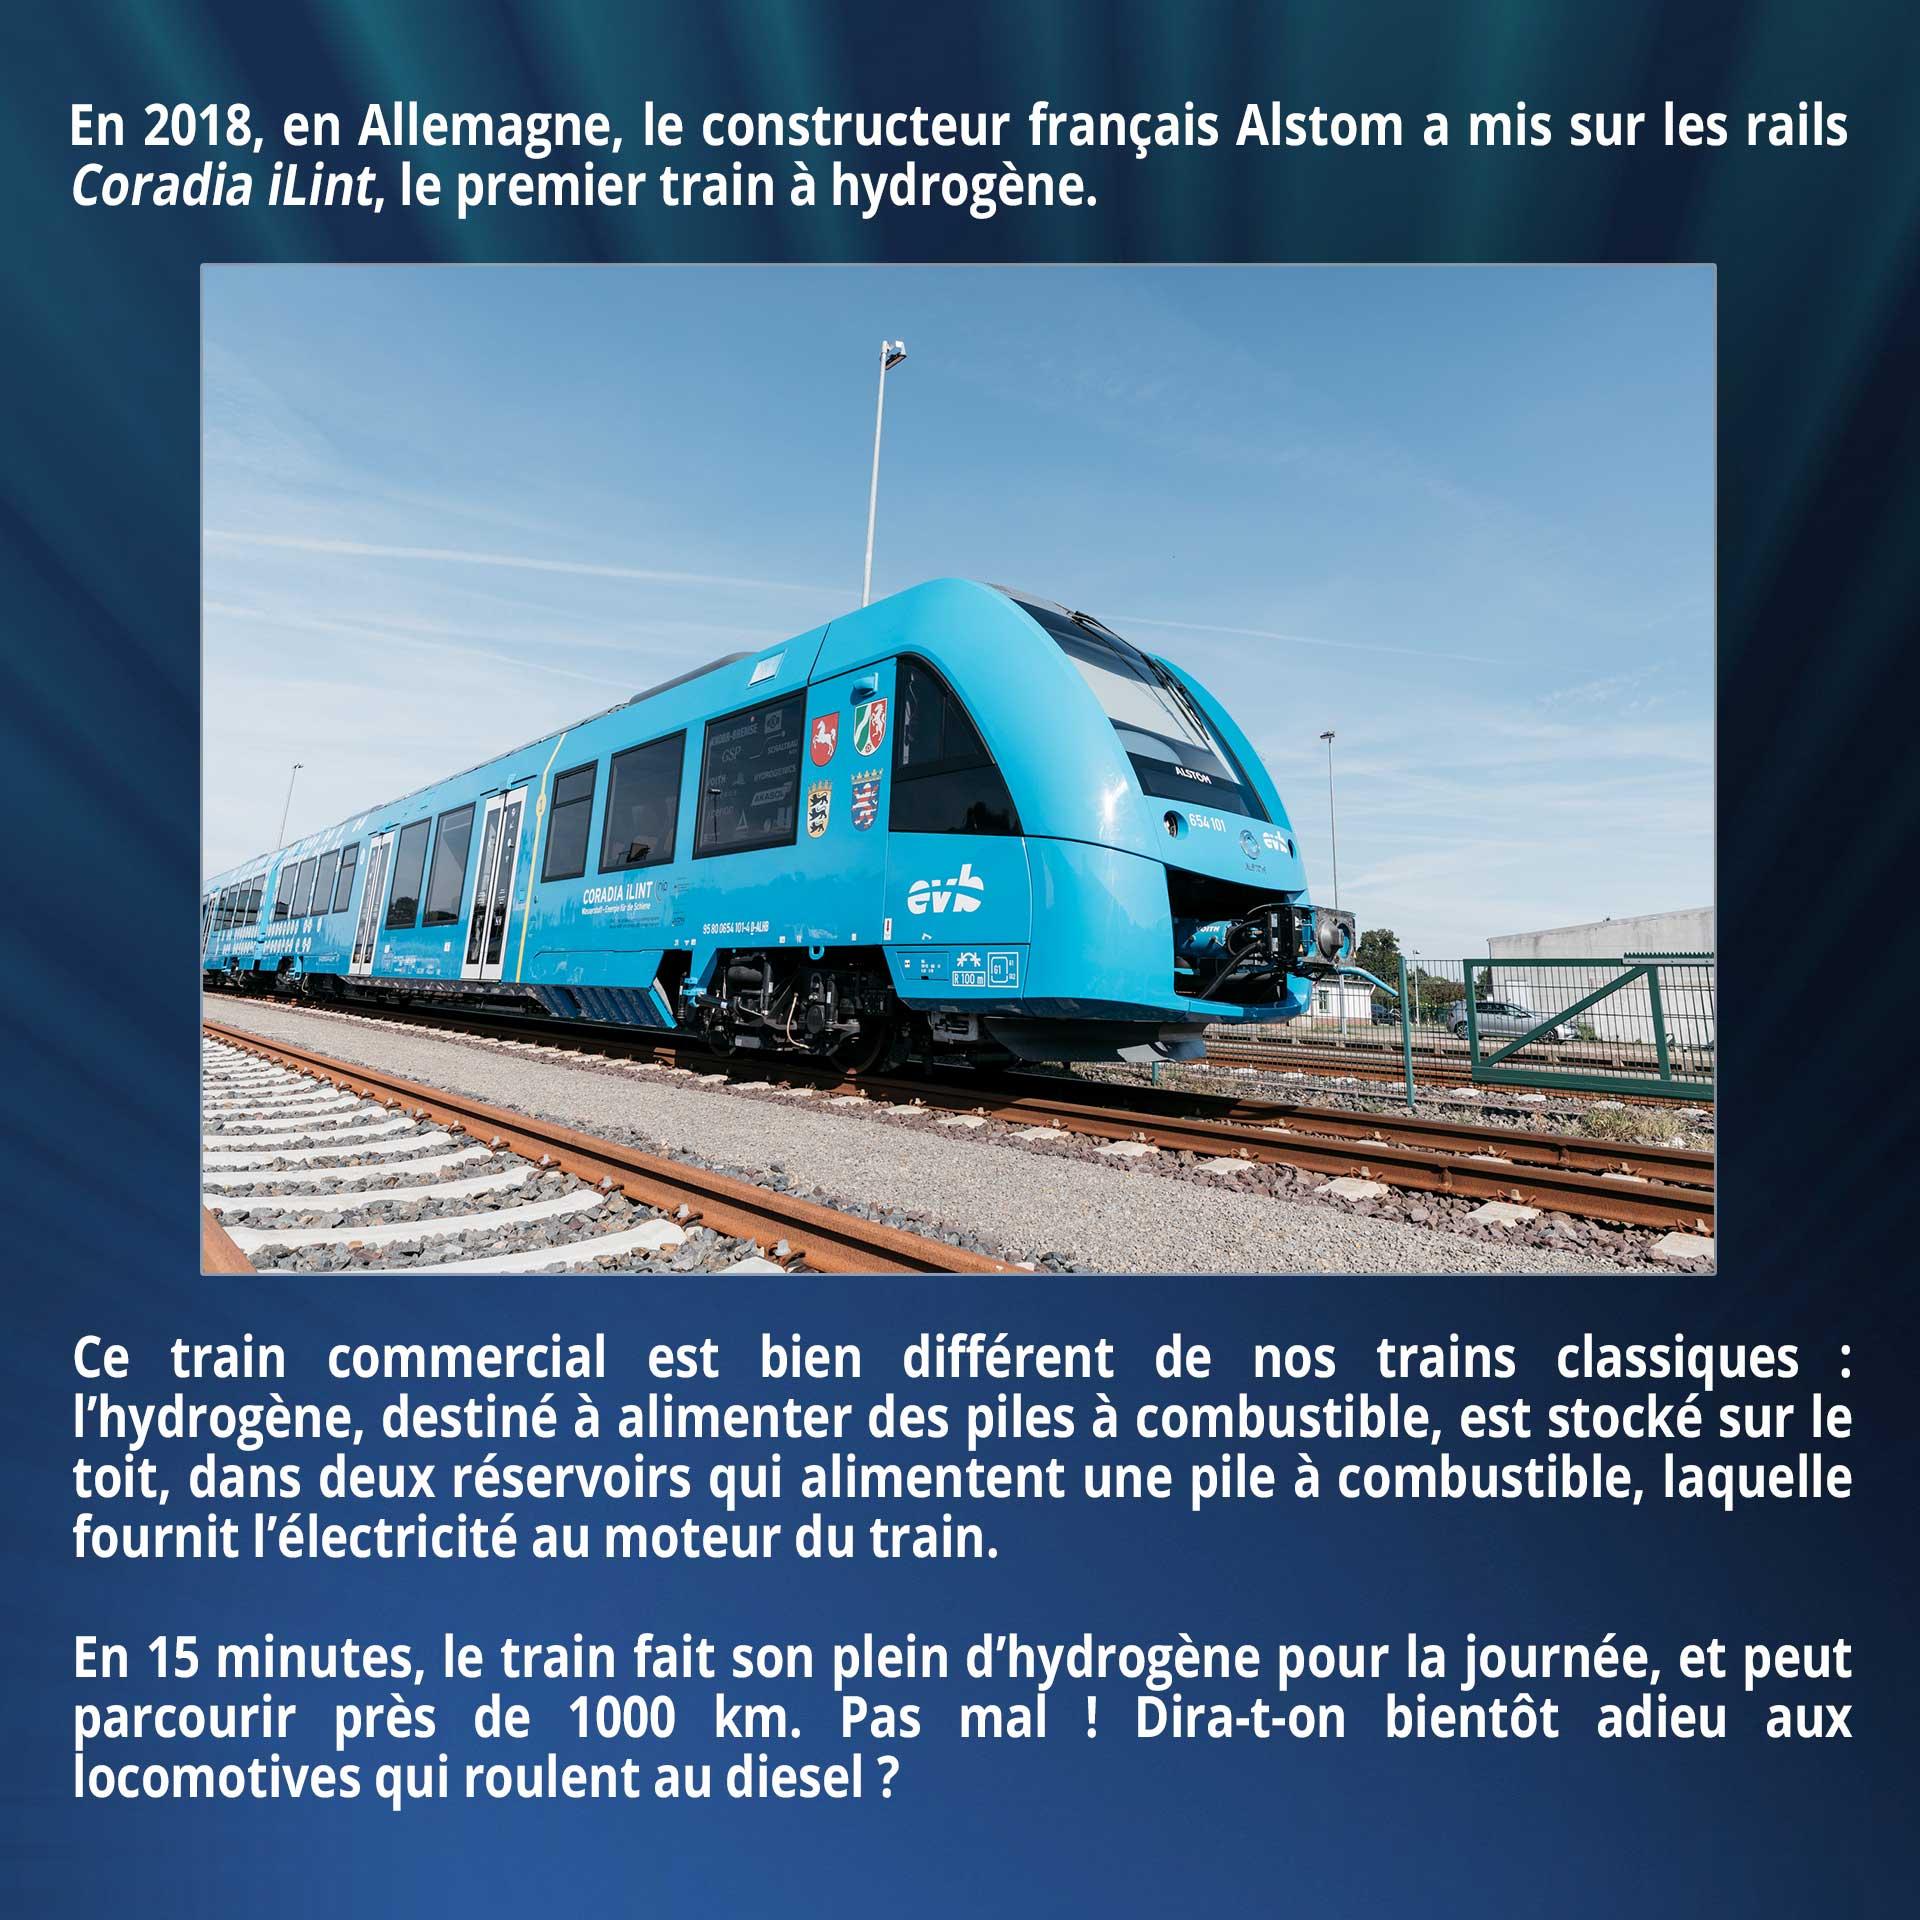 En 2018, en Allemagne, le constructeur français Alstom a mis sur les rails Coradia iLint, le premier train à hydrogène. Ce train commercial est bien différent de nos trains classiques : l'hydrogène, destiné à alimenter des piles à combustible, est stocké sur le toit, dans deux réservoirs qui alimentent une pile à combustible, laquelle fournit l'électricité au moteur du train. En 15 minutes, le train fait son plein d'hydrogène pour la journée, et peut parcourir près de 1000 kilomètres. Pas mal ! Dira-t-on bientôt adieu aux locomotives qui roulent au diesel ?